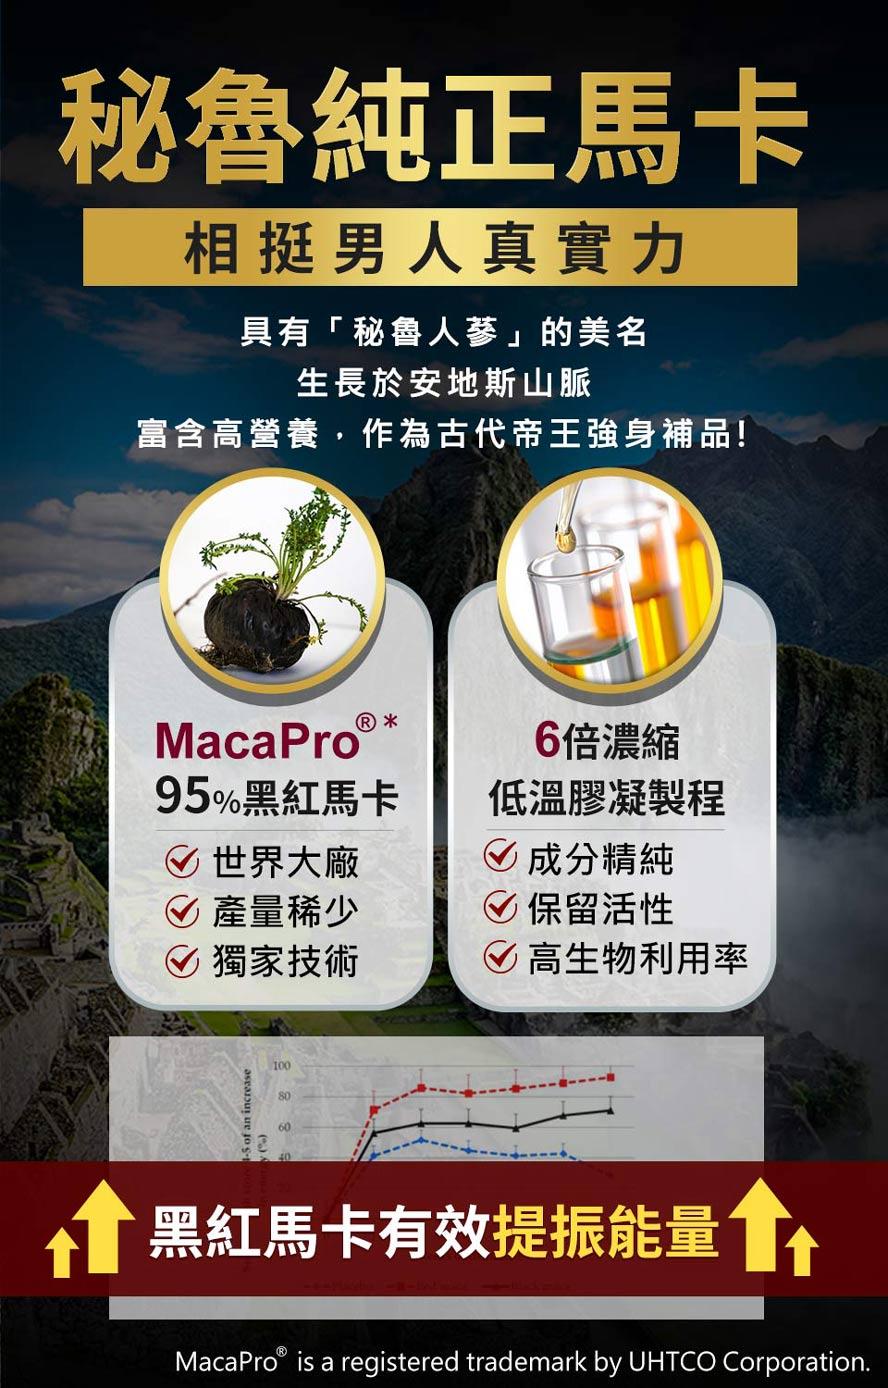 UNIQMAN採用95%吸收率的頂級黑紅馬卡,6倍濃縮萃取更有效幫助增進體力